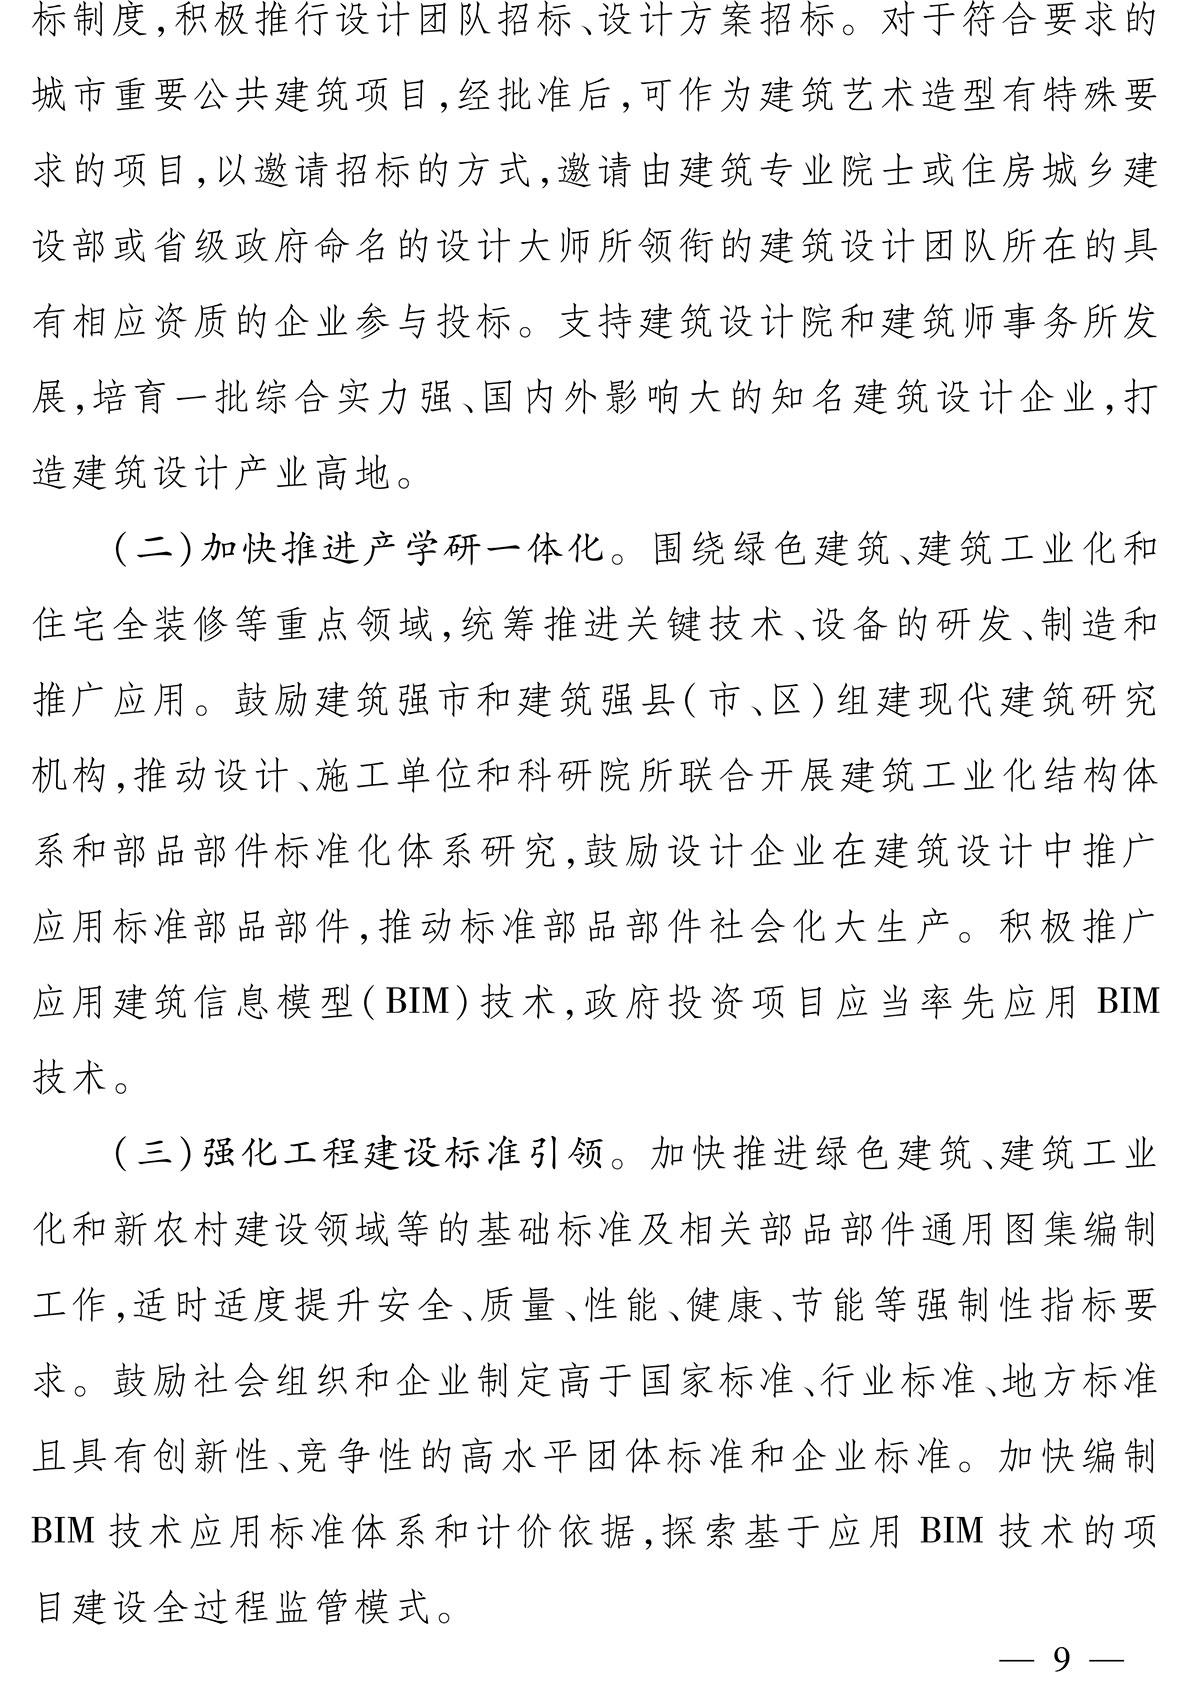 浙江省人民政府办公厅关于加快建筑业改革与发展的实施意见-9.jpg